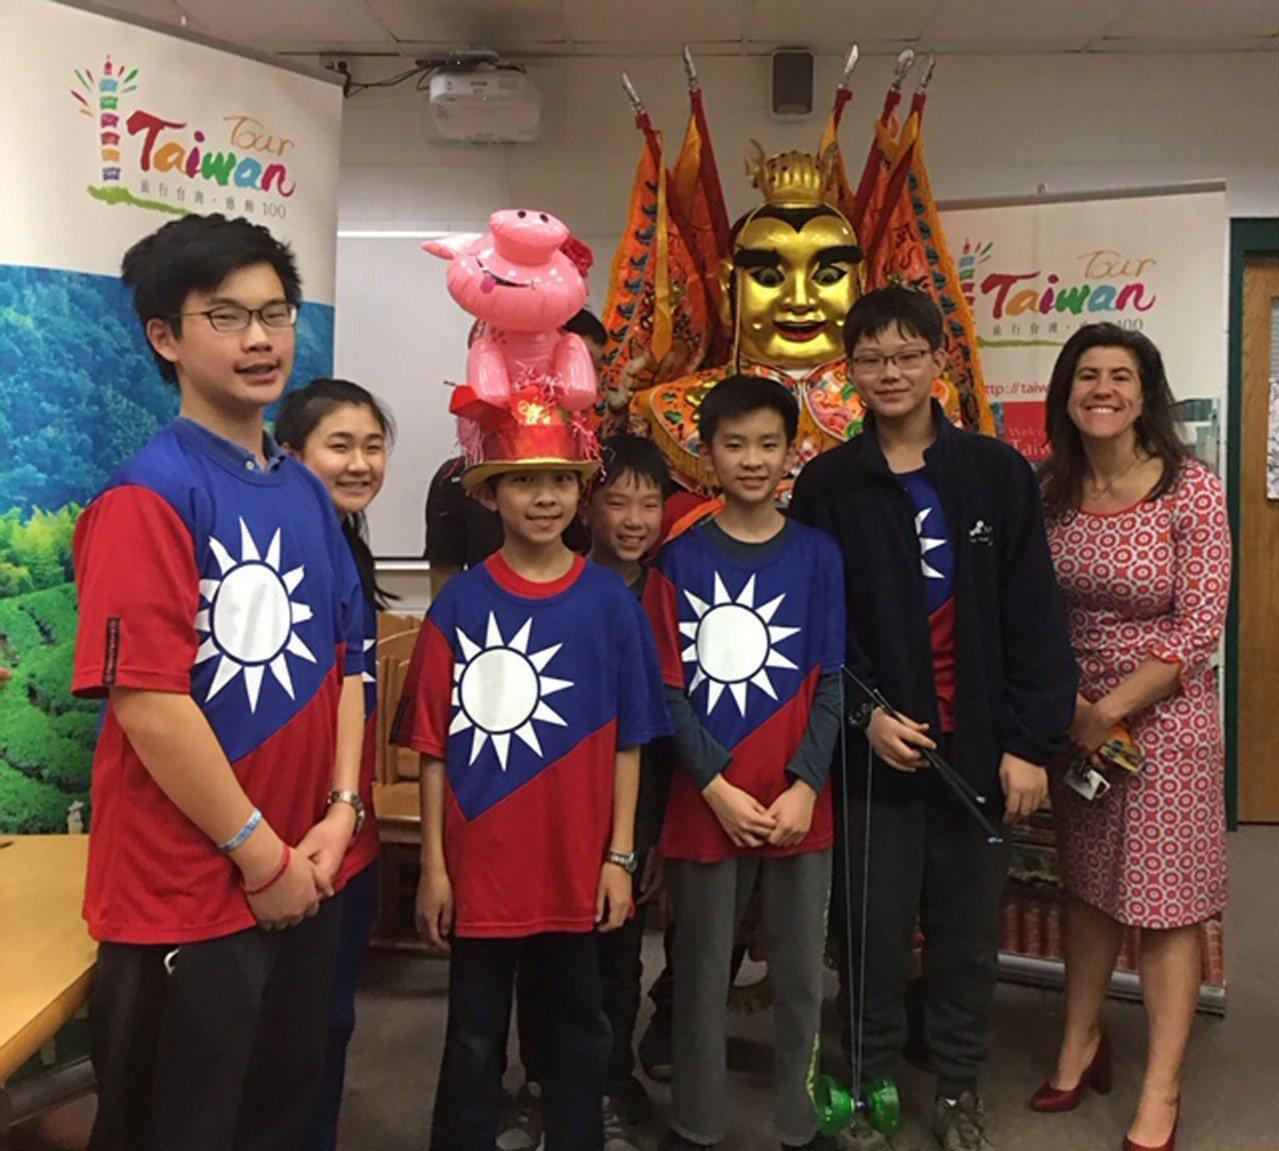 美國馬州世界博覽會,台灣文化展台吸睛。 記者羅曉媛攝影